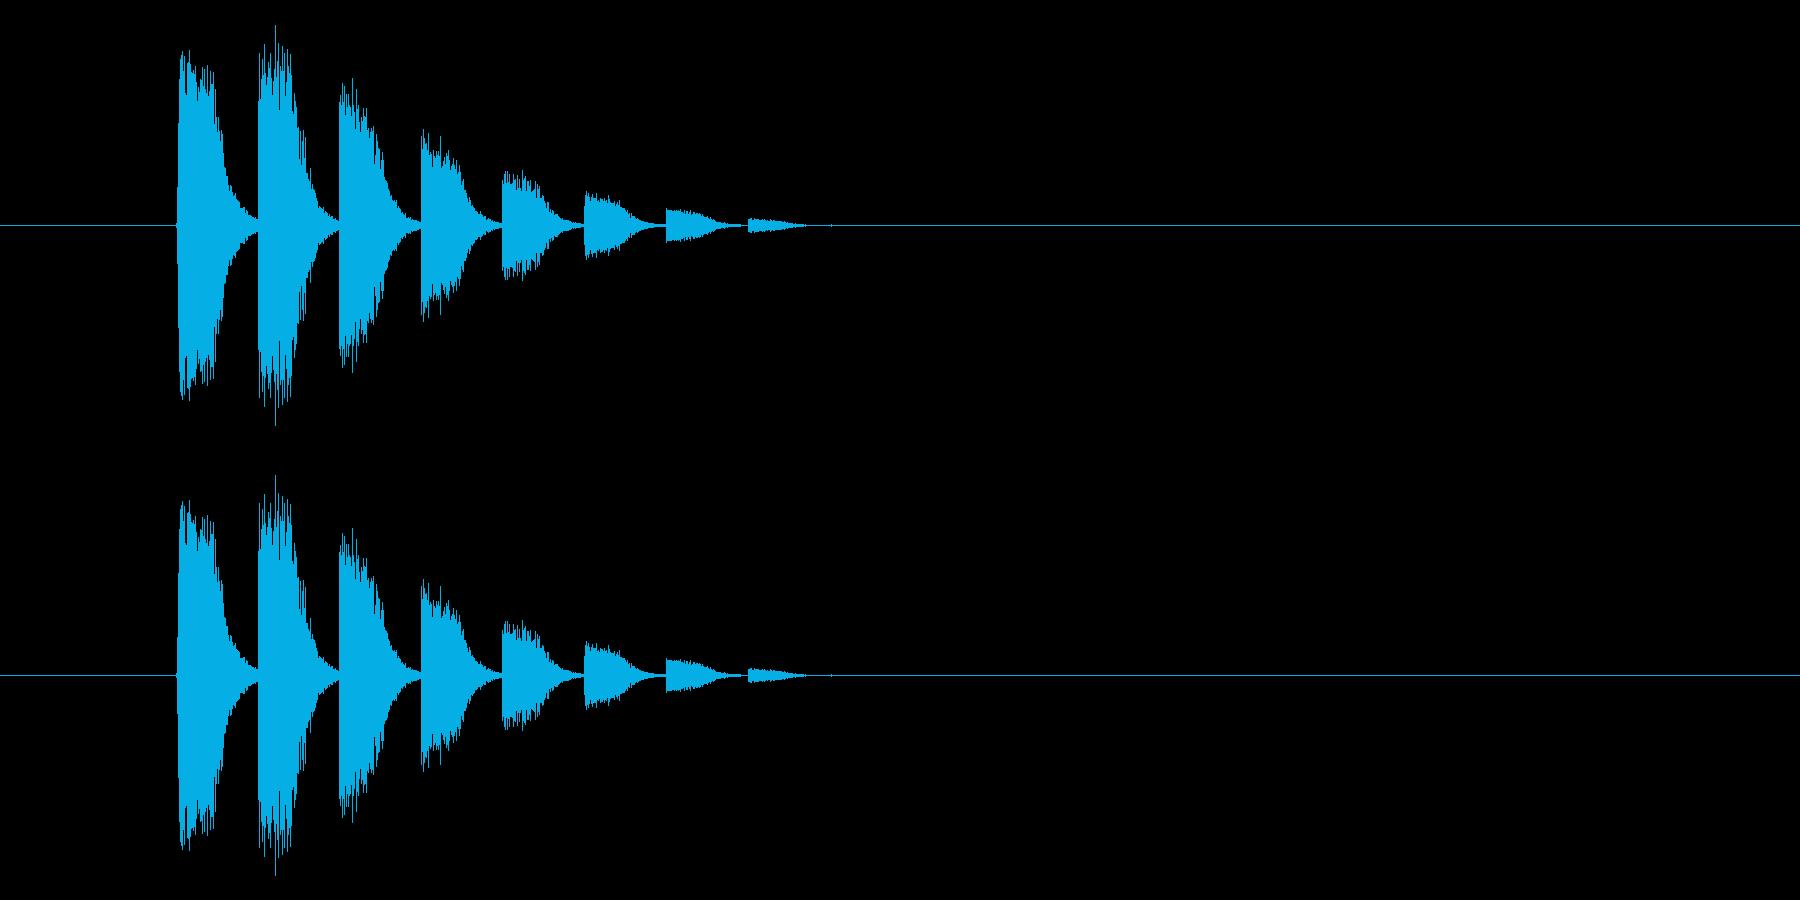 ダダダダ…… レトロゲーム風逃走音の再生済みの波形